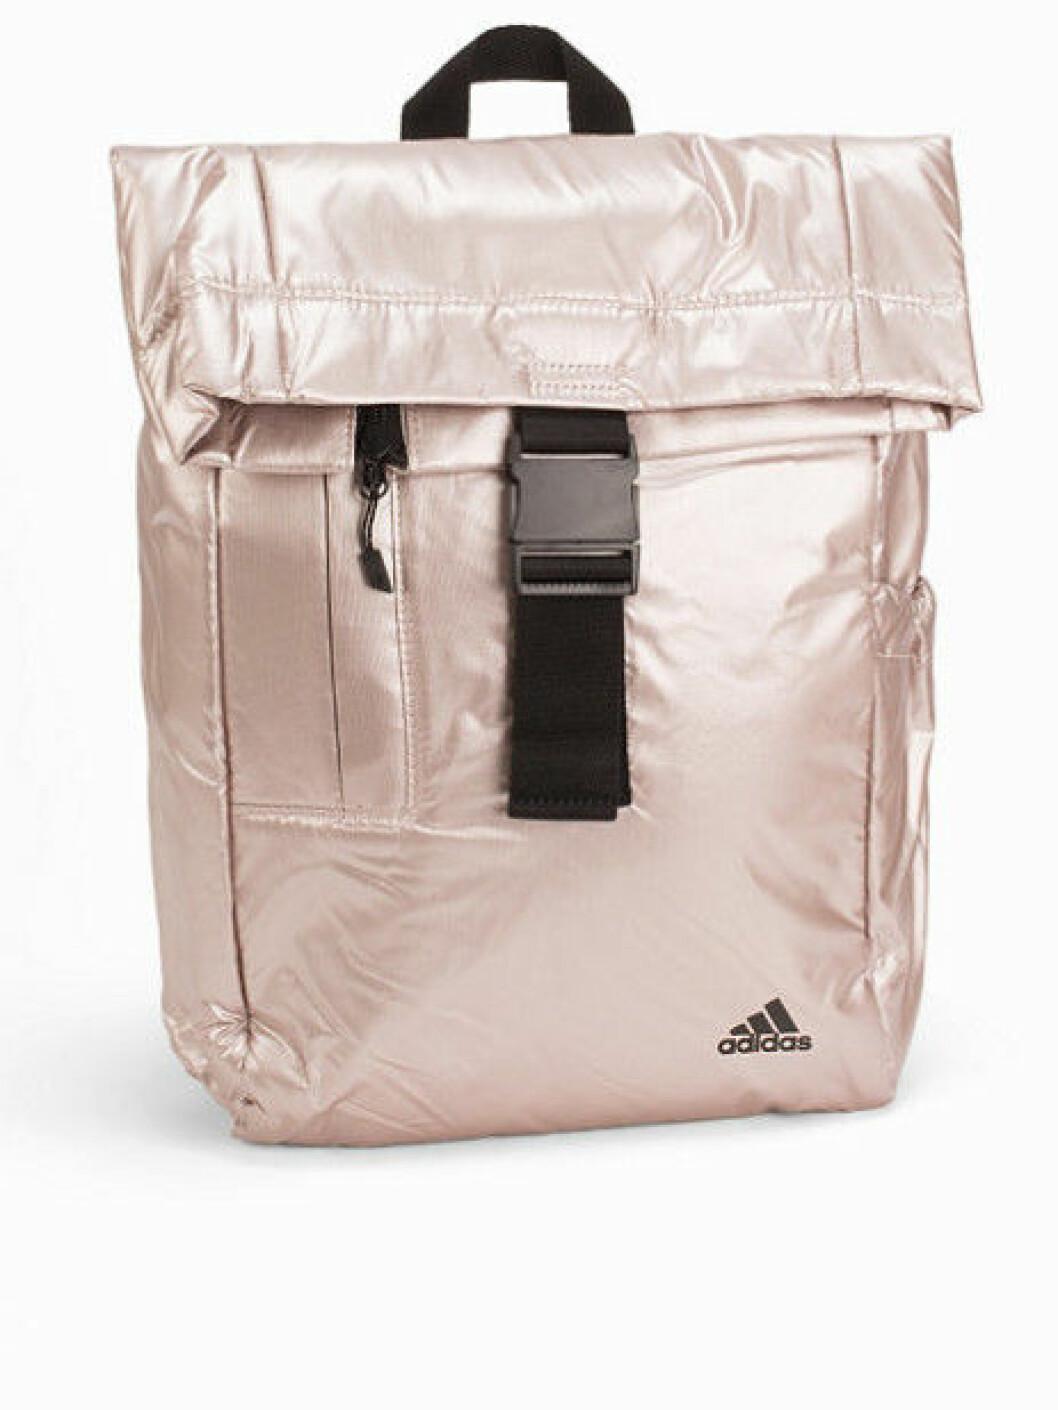 rygga_adidas